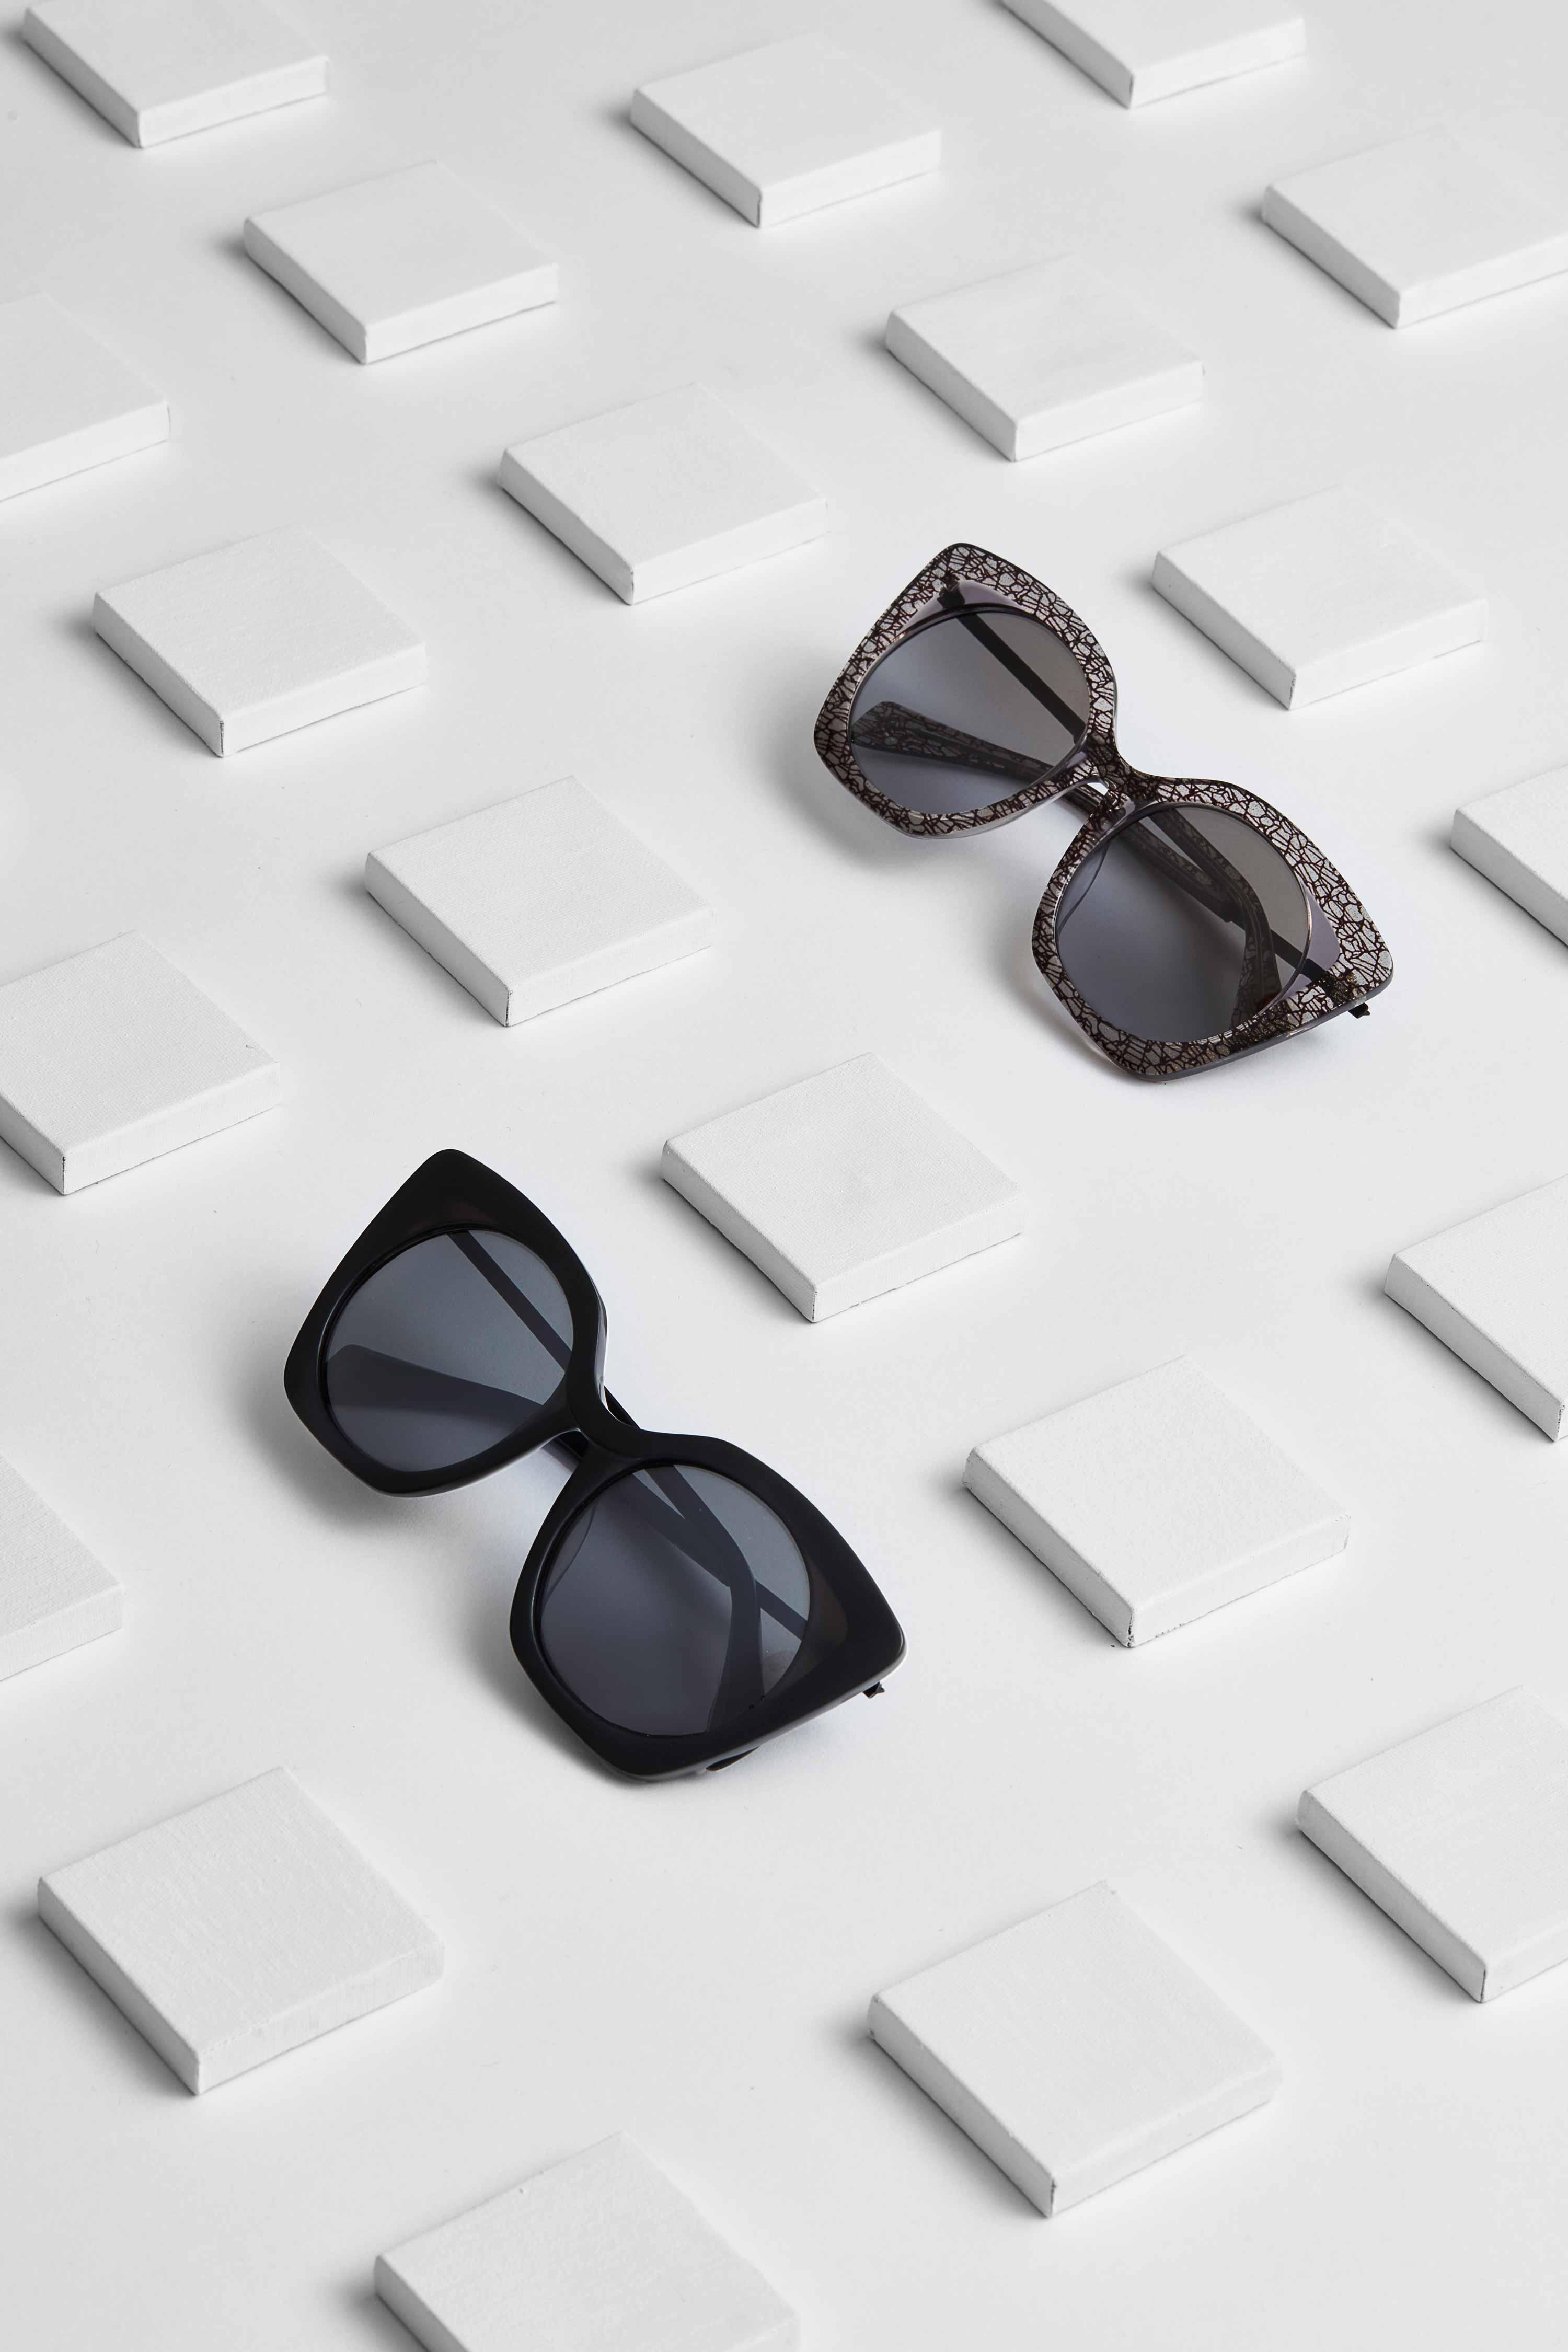 """YY5019 """"Die »YY5019« ist ein Loblied auf flüssige Formen. Ähnlich wie die fließenden Konturen eines eleganten Kimonos, schneiden wir einzelne Lagen aus der Oberfläche heraus, um eine strukturierte, stoffähnliche Oberfläche zu erzeugen. Jede einzelne Faser besteht aus starken, mysteriösen Grundfarben wie mattem Schwarz, Braun und Marineblau, ergänzt durch matte Verglasung."""""""